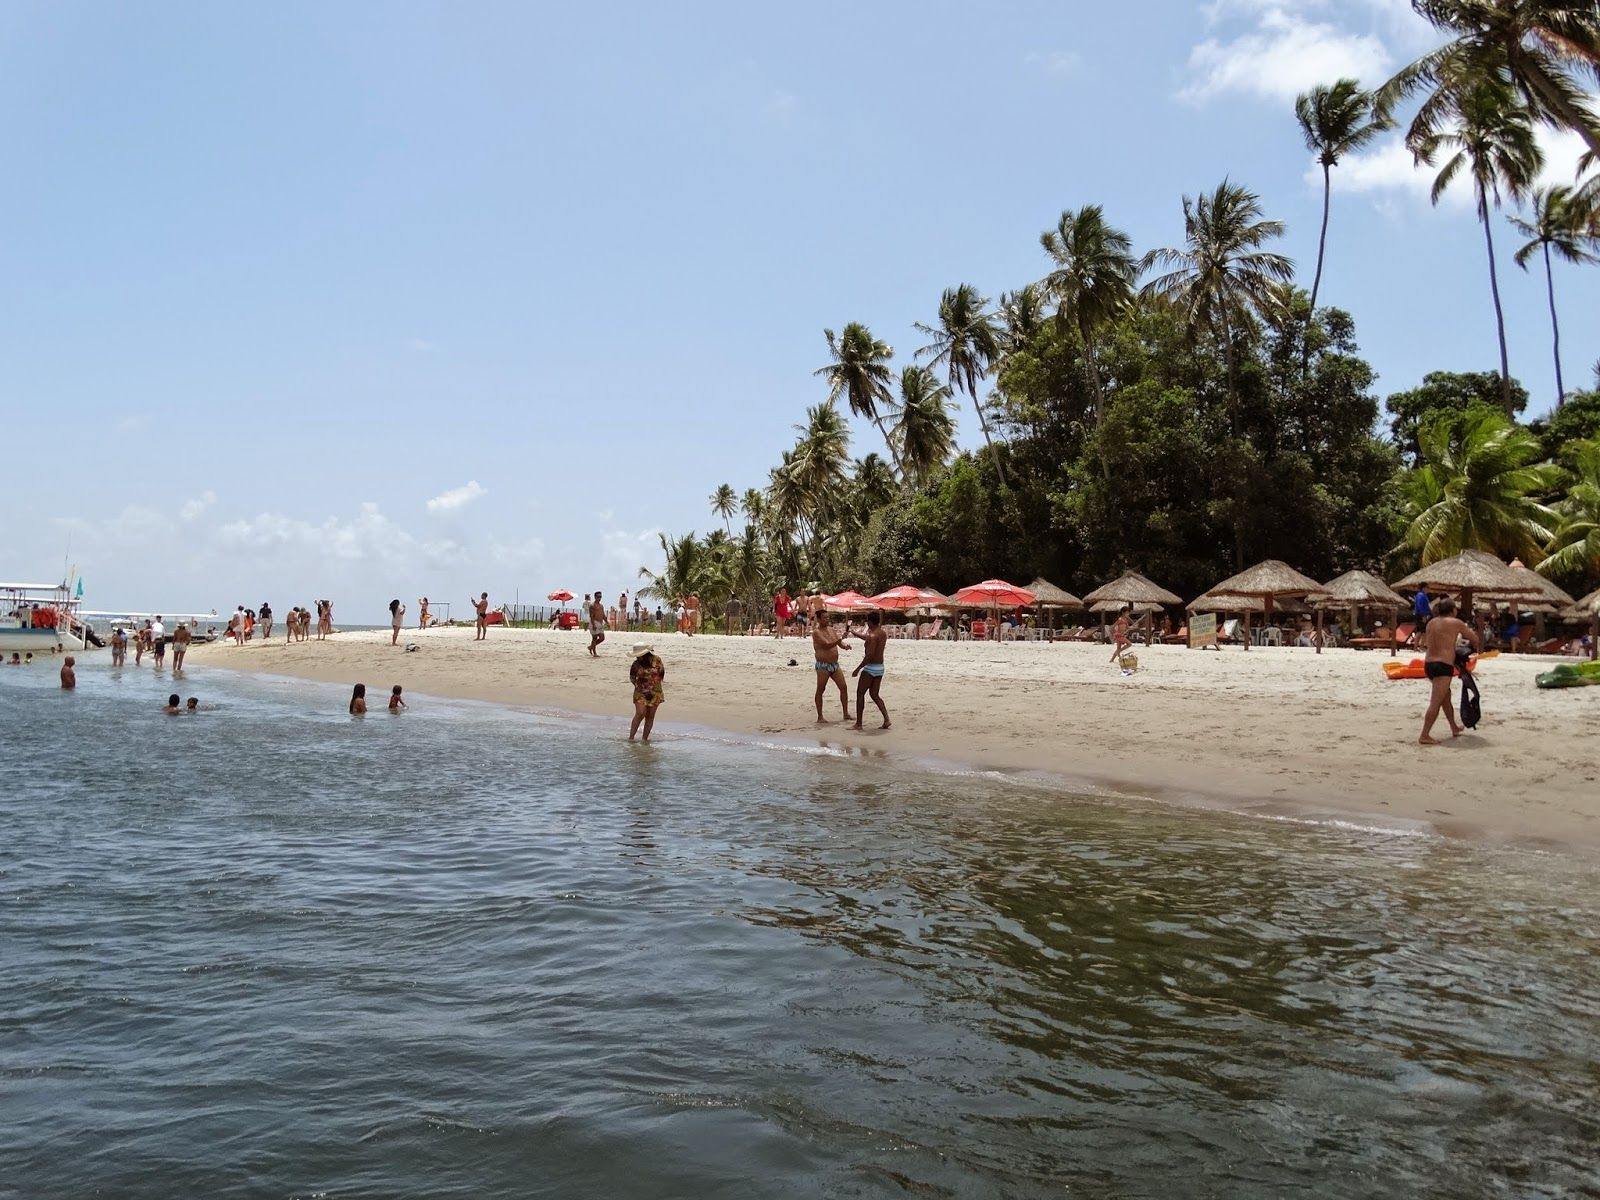 D&D Mundo Afora - Blog de viagem e turismo | Travel blog: Carneiros (Pernambuco) - o terceiro maior banco de...